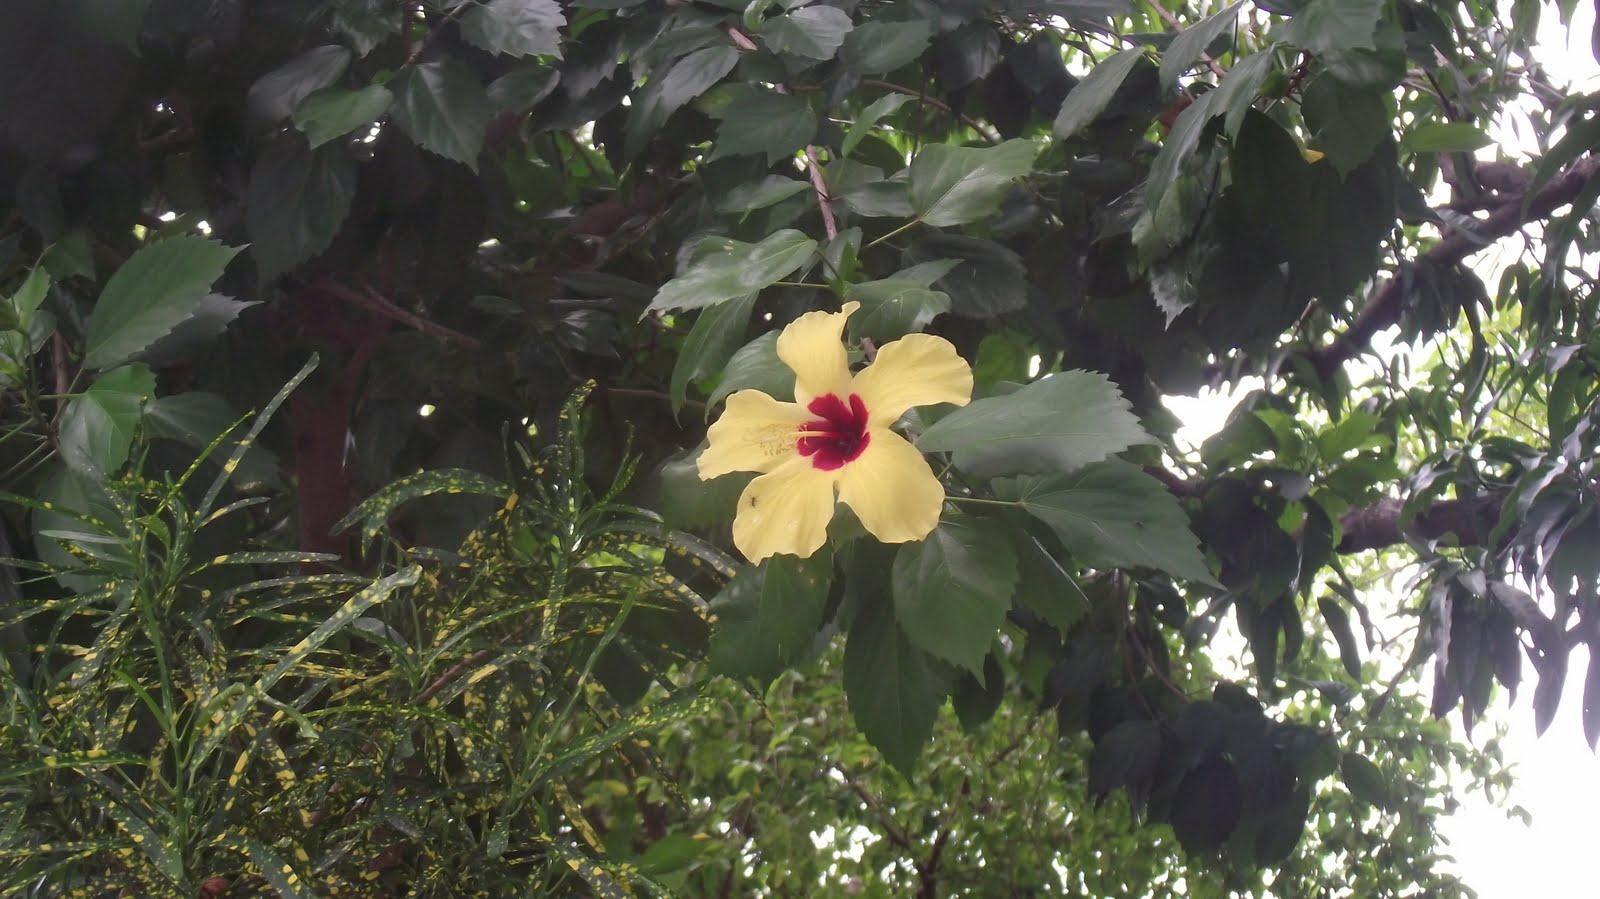 Jardins Maravilhosos Hibiscus Uma Flor Ex Tica Tropical Linda Image~ Fotos Jardins Maravilhosos